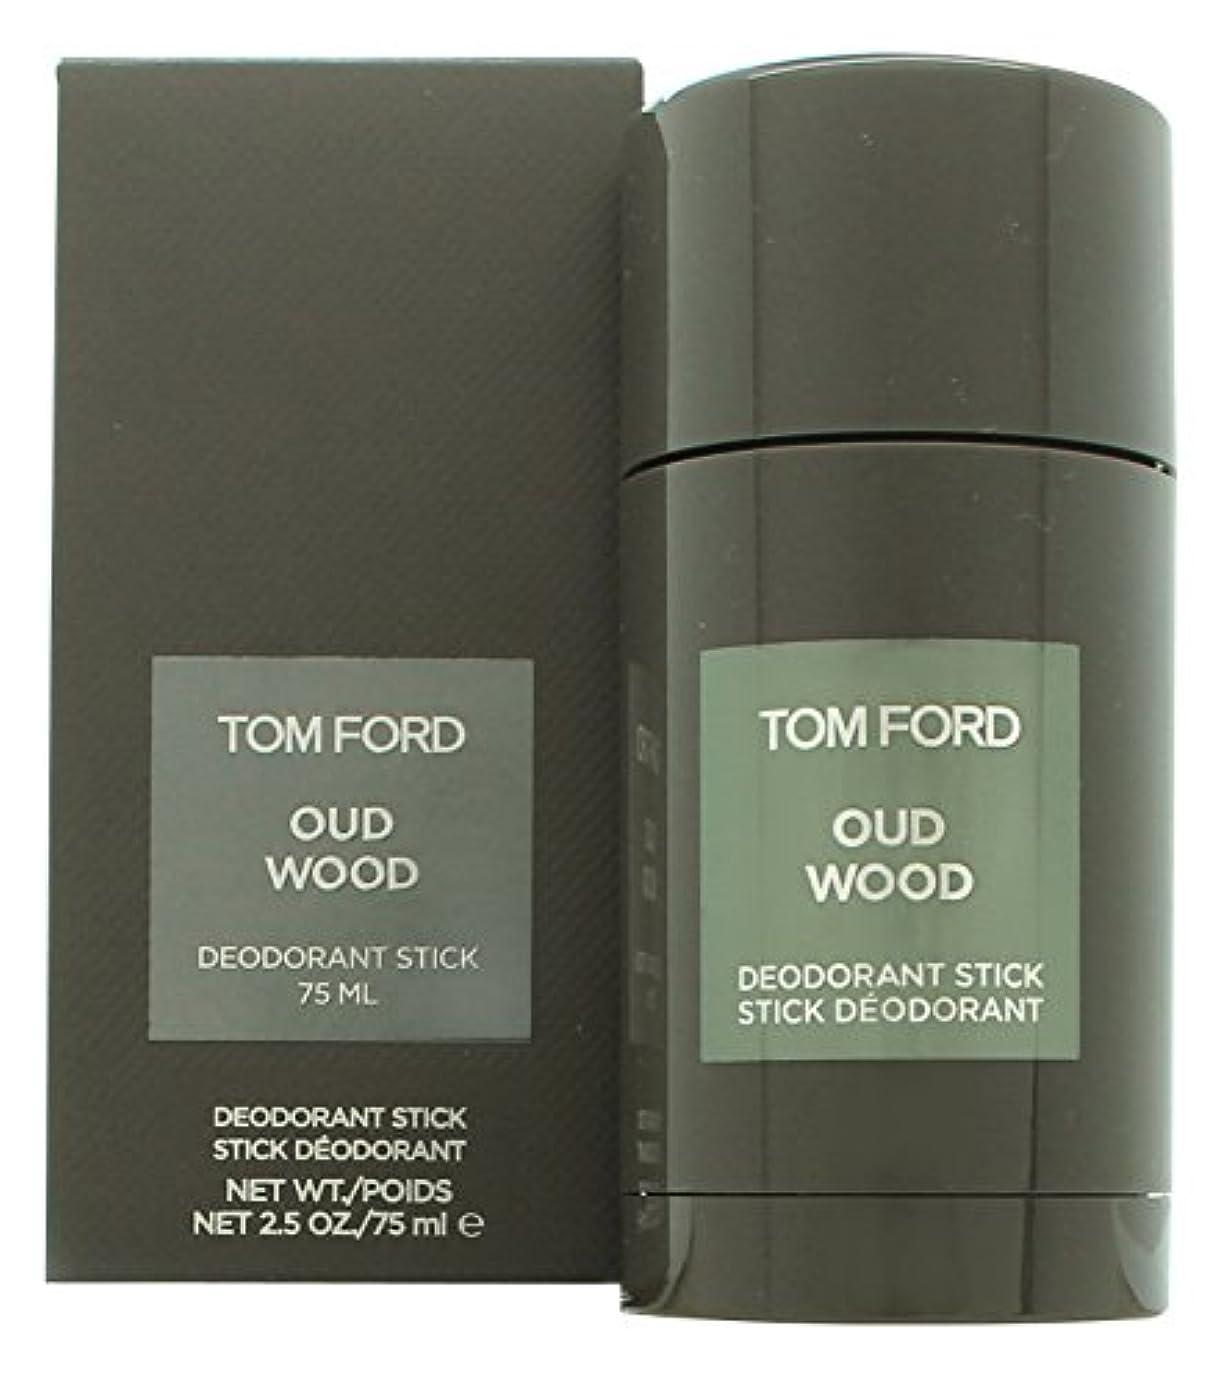 拡大する扇動嵐トム フォード プライベートブレンド ウード ウッド デオドラントスティック 75ml/2.5oz並行輸入品